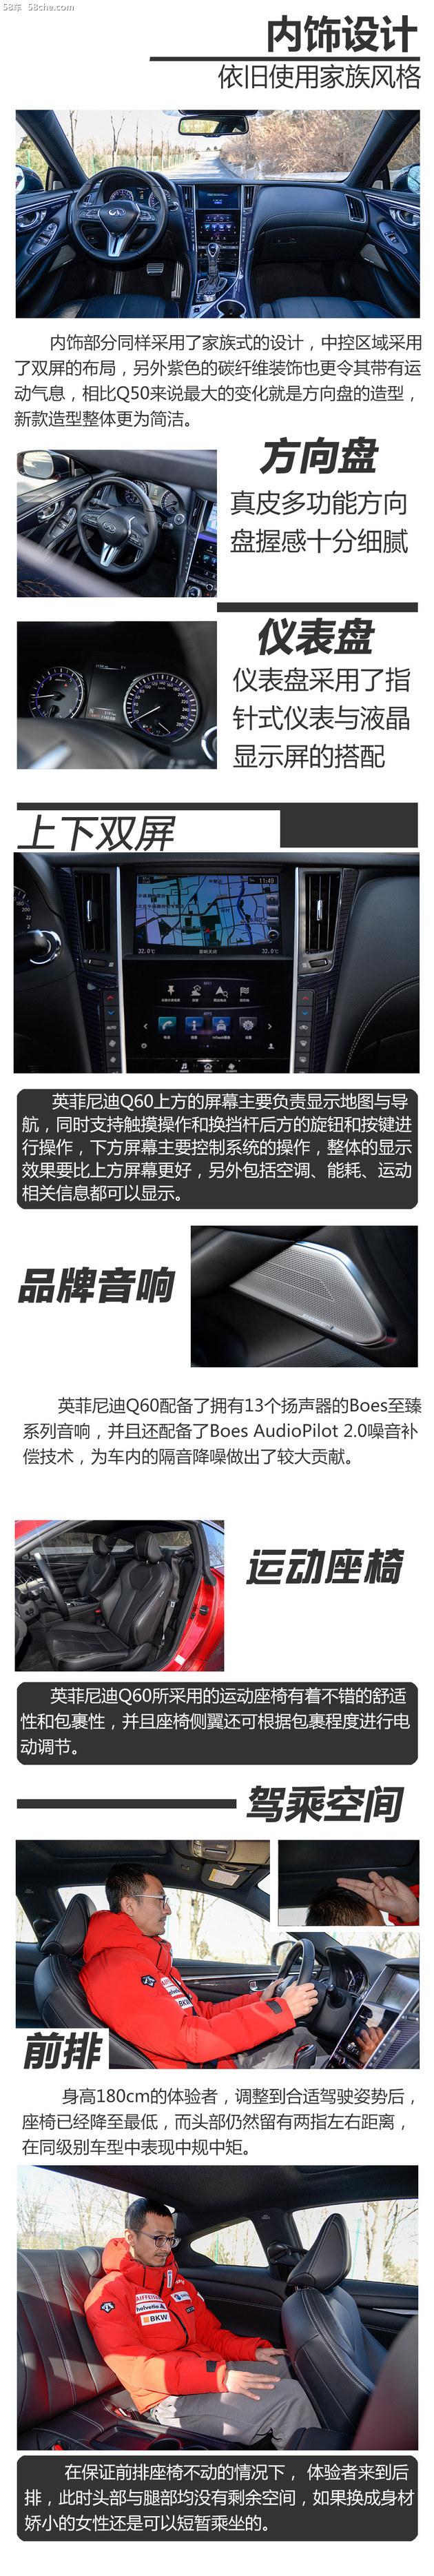 英菲尼迪Q60S性能测试 成绩意料之中